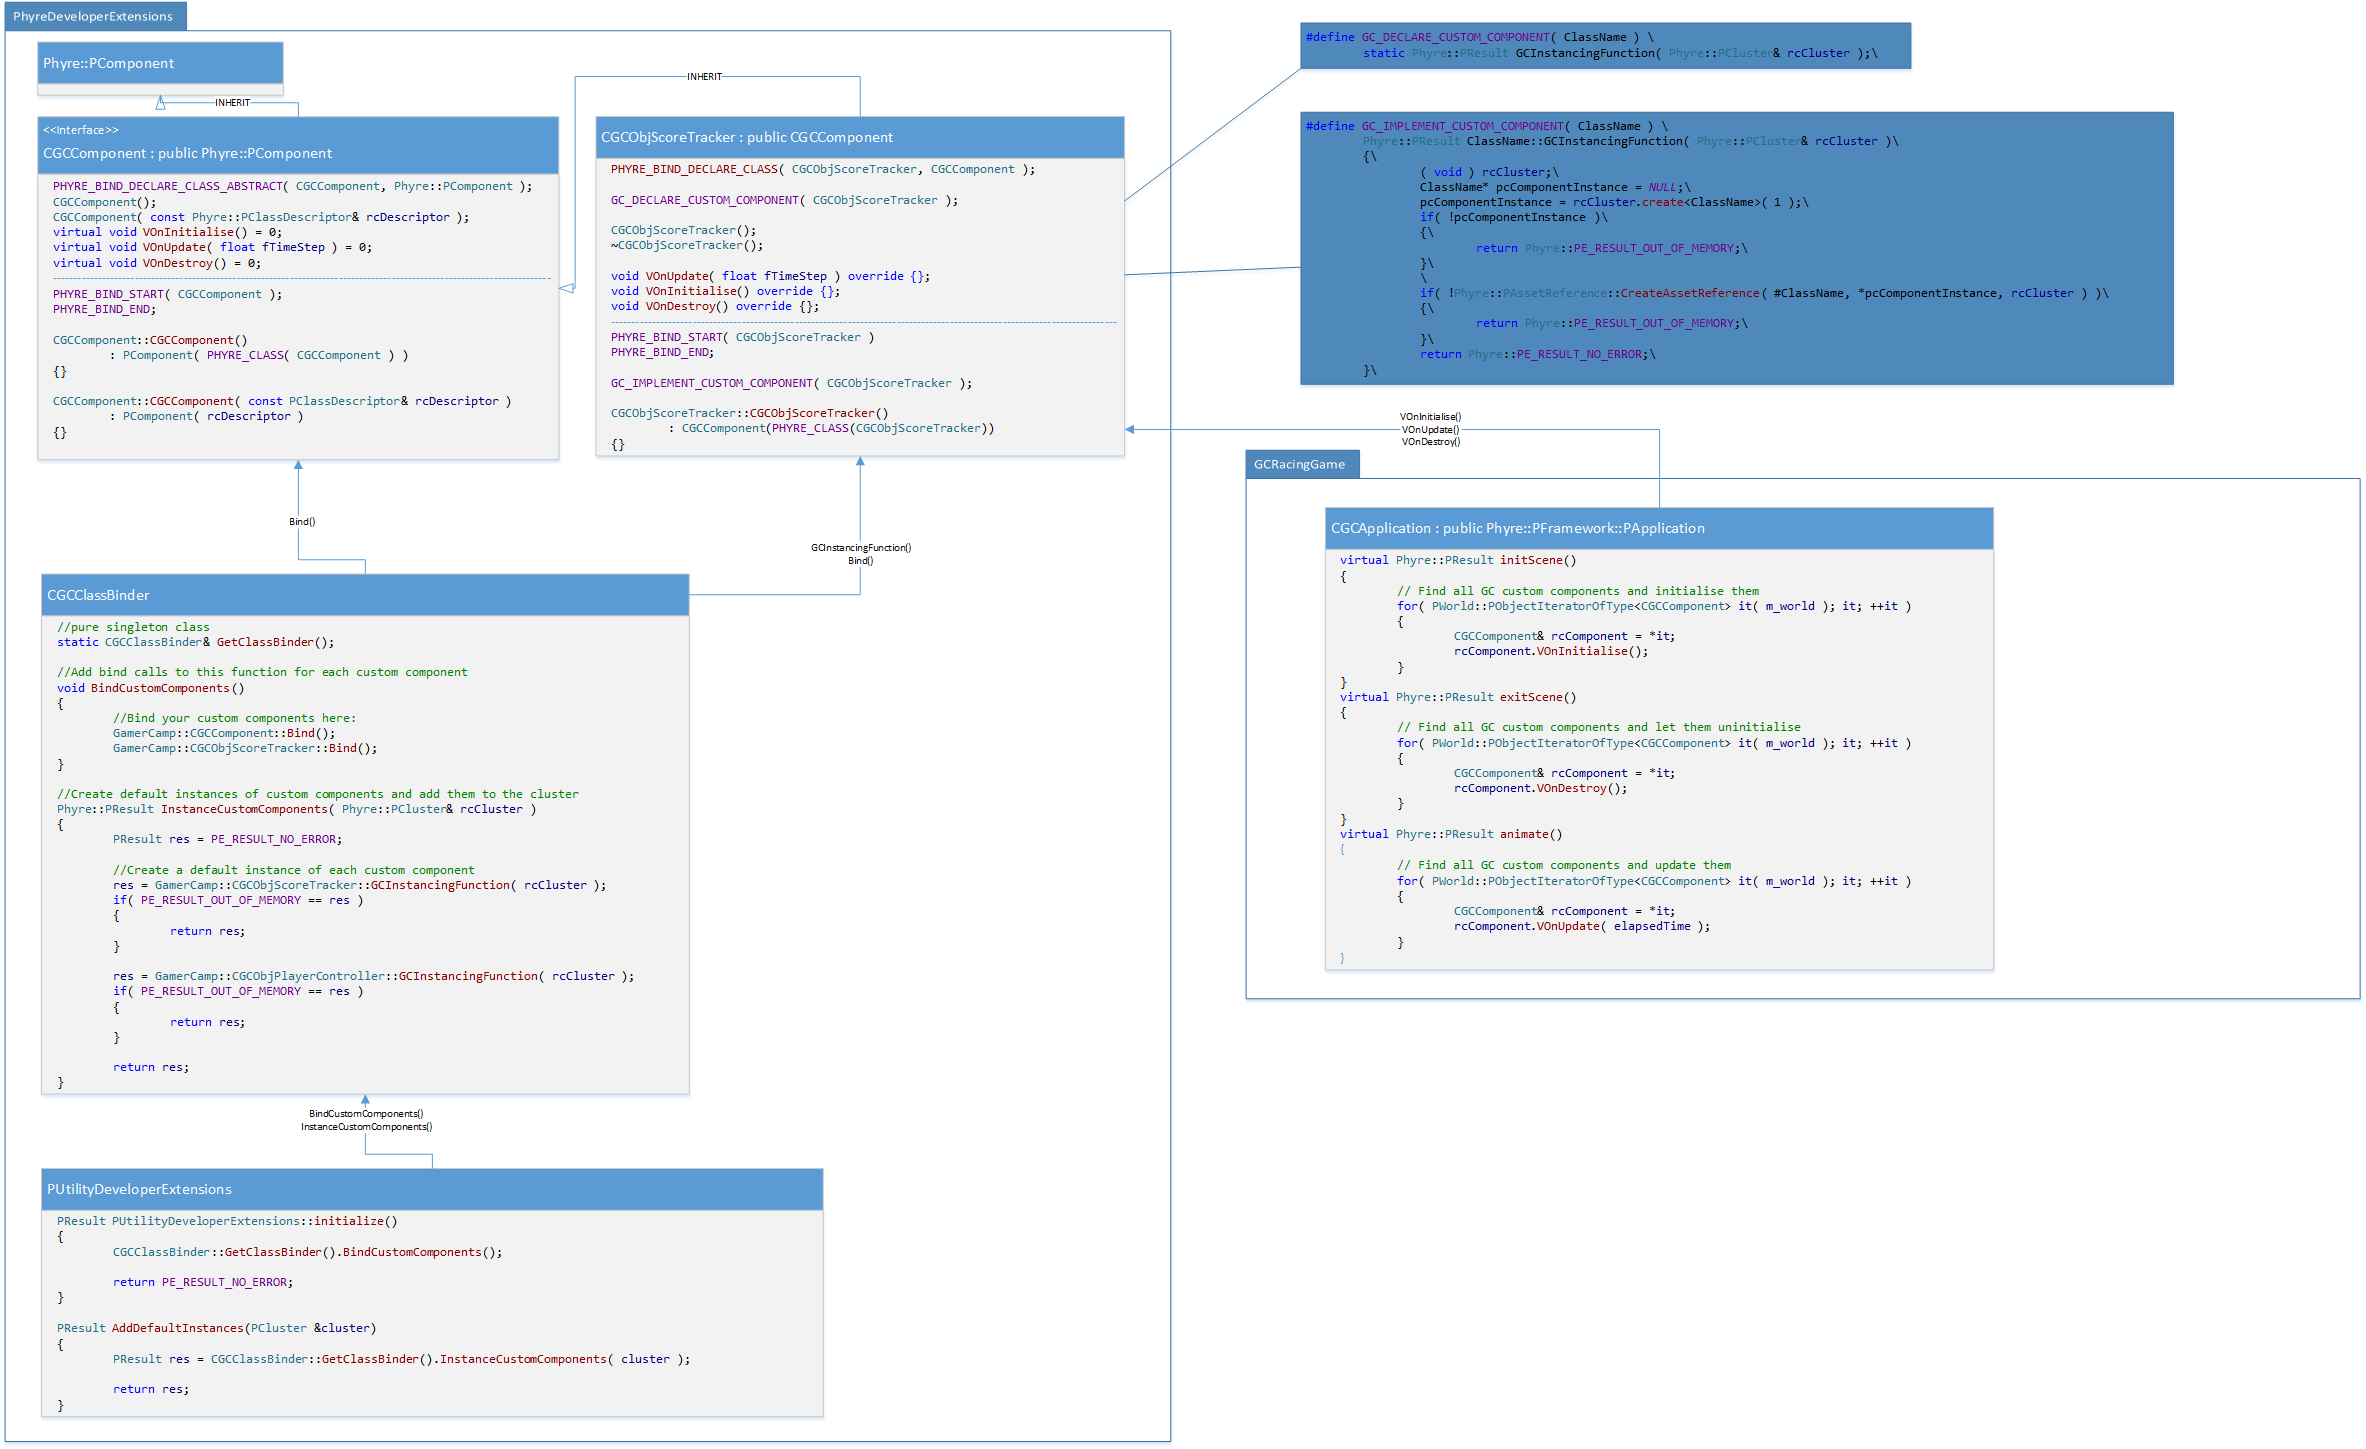 FrameworkDiagram2